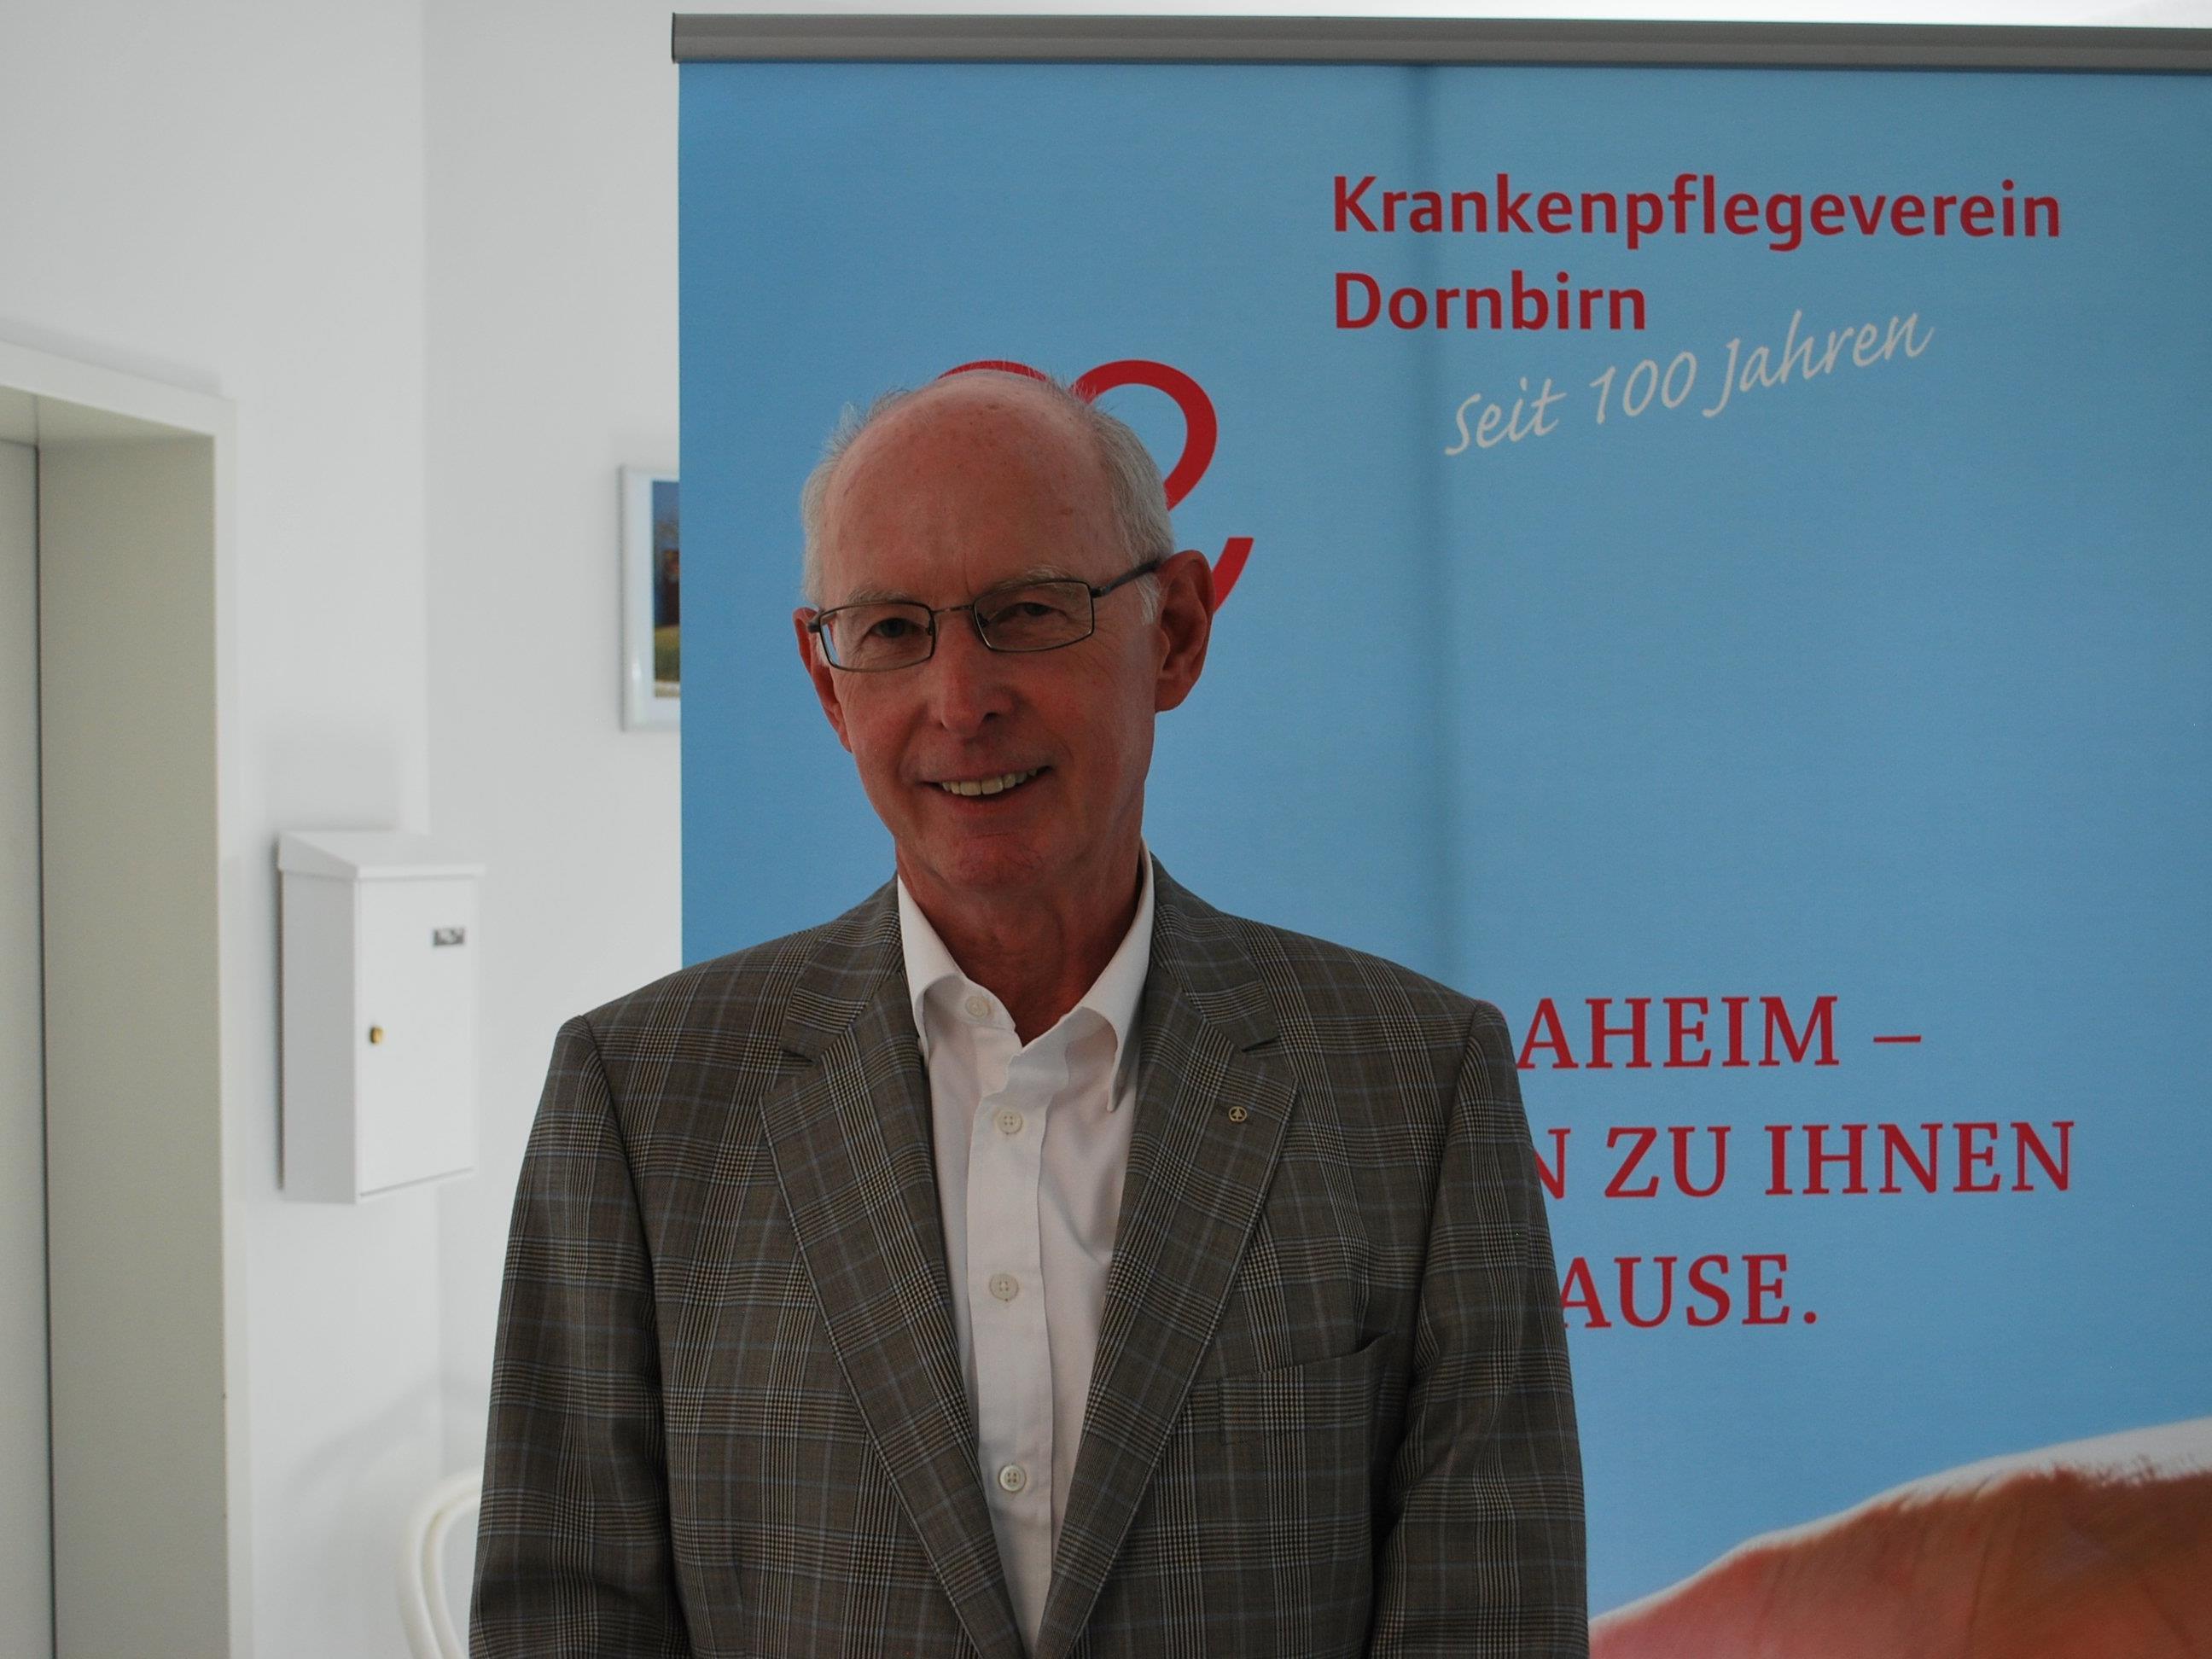 Heinz Wohlgenannt, Obmann des Krankenpflegevereins Dornbirn, lädt ein zur 103. Generalversammlung.